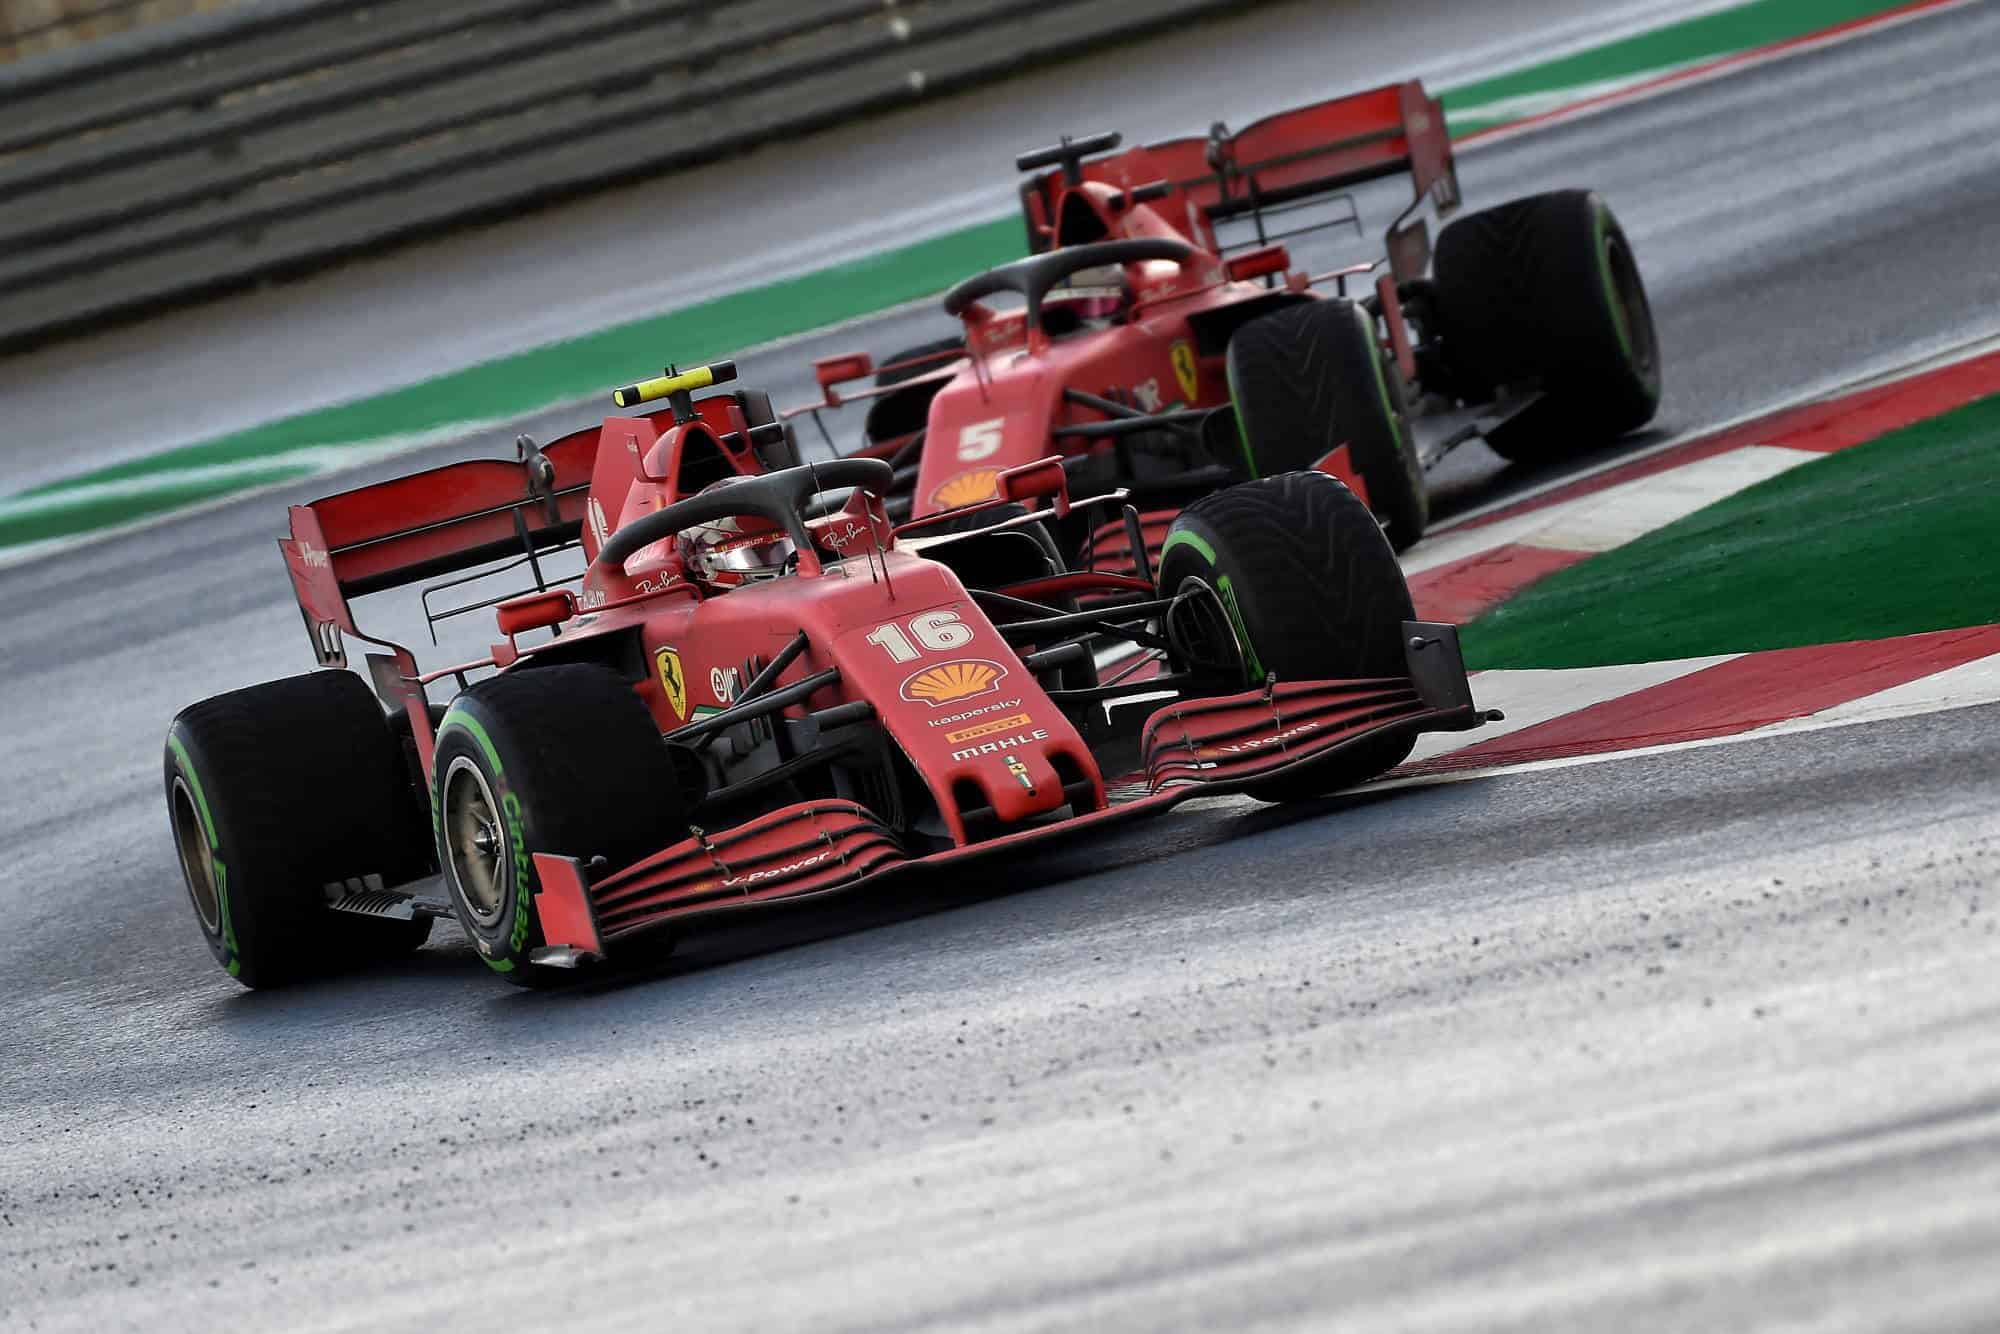 2020 Turkish GP Leclerc leads Vettel Ferrari intermediates Photo Ferrari F1 Twitter